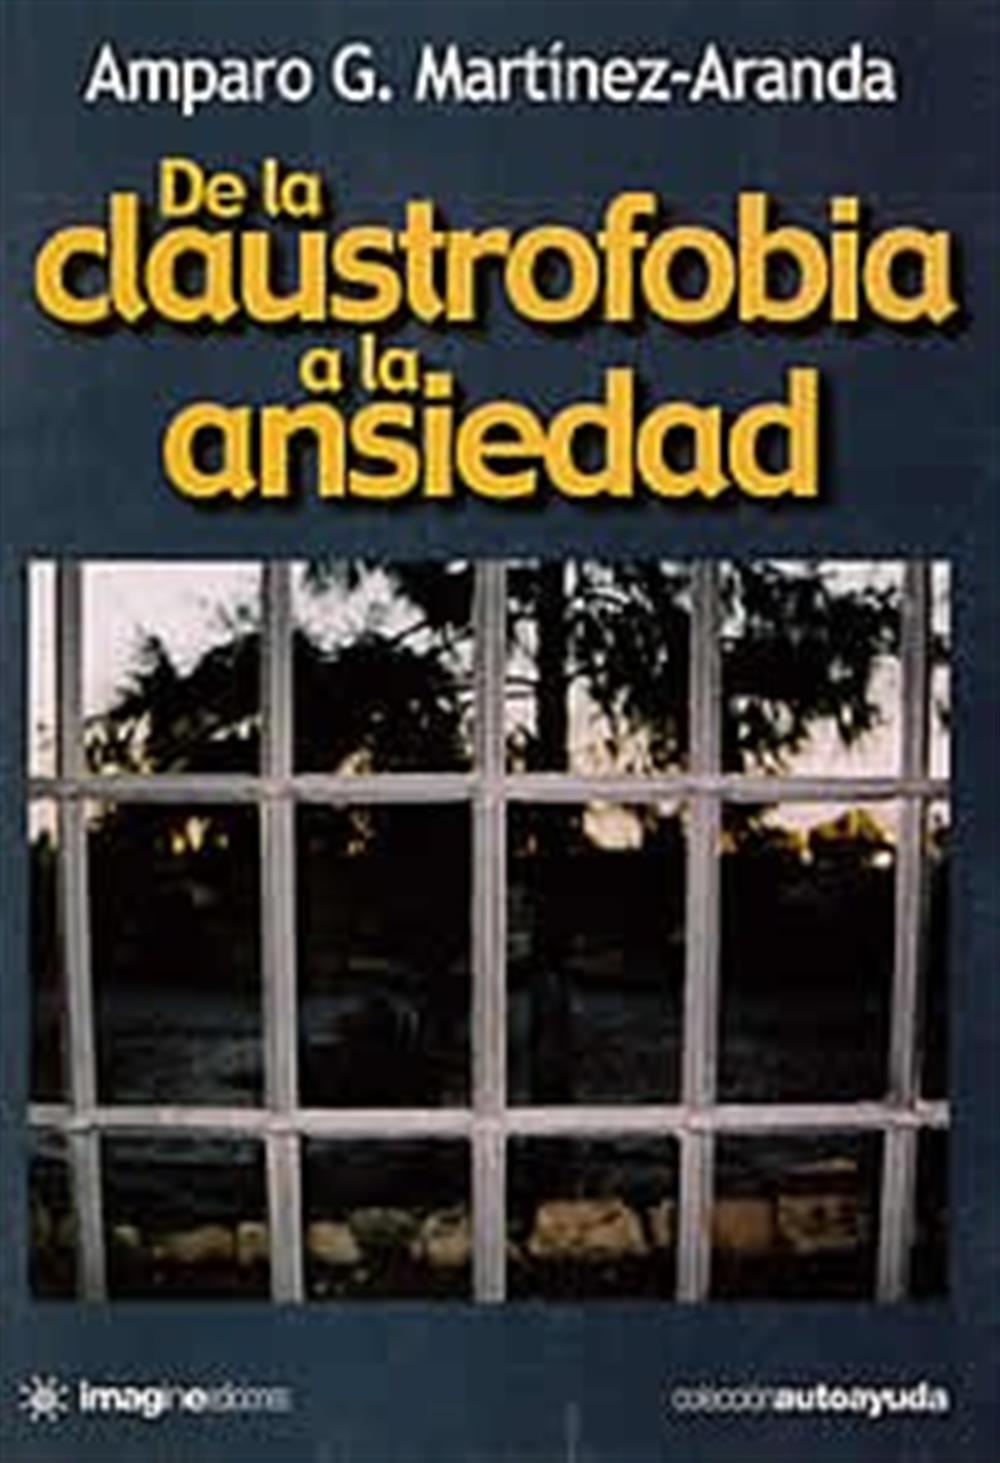 De la claustrofobia a la ansiedad